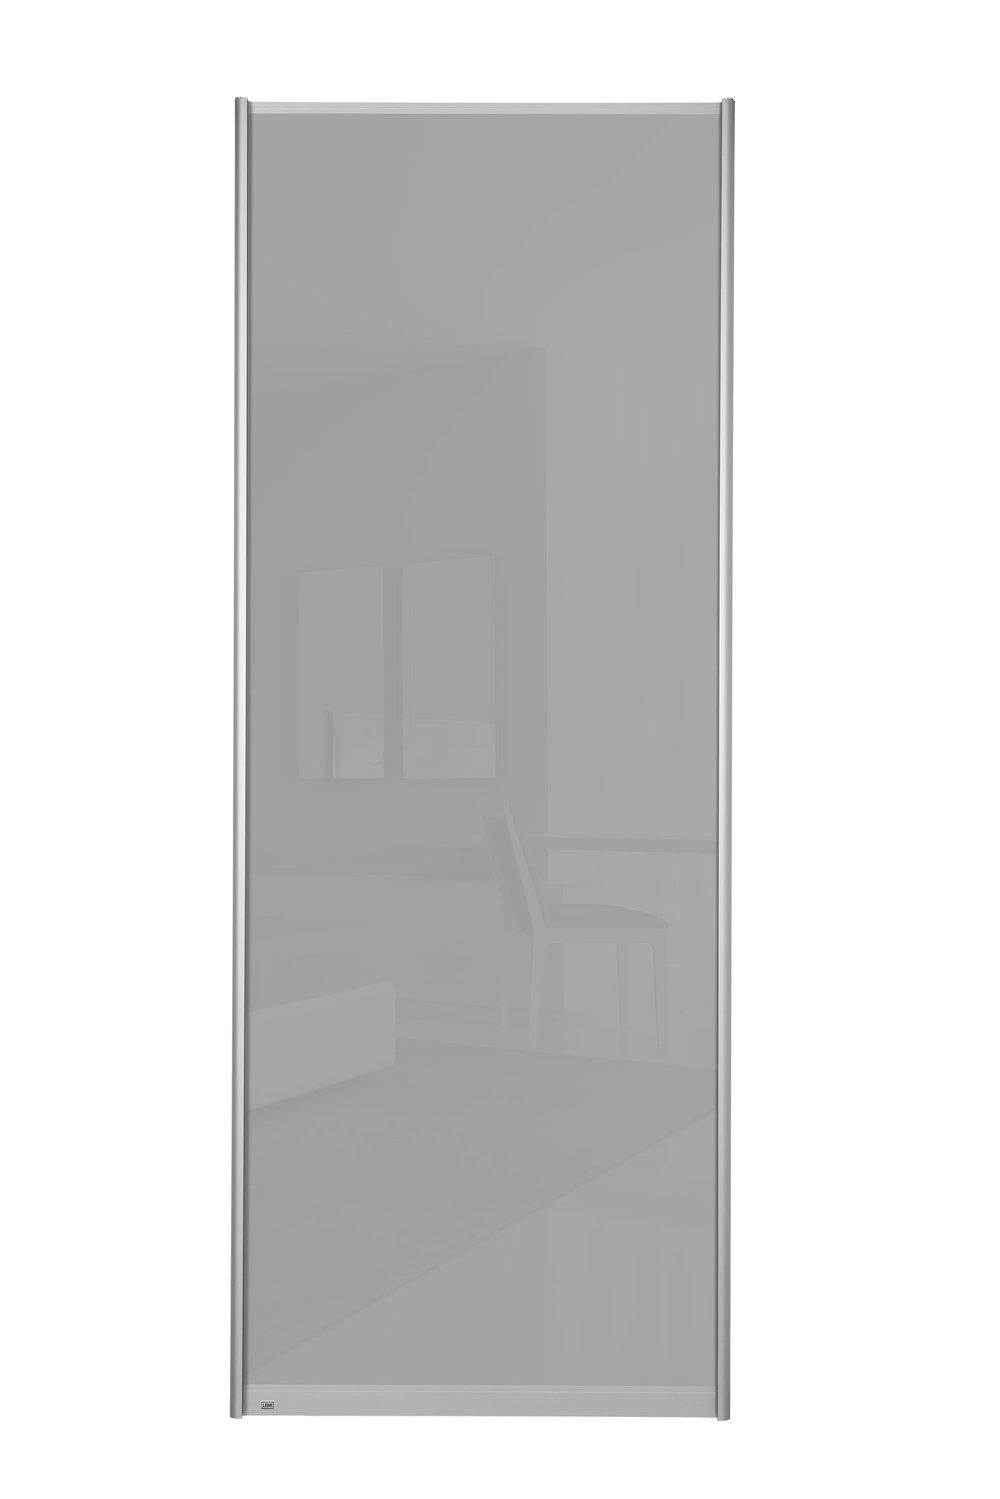 F7119 - Grusgrå